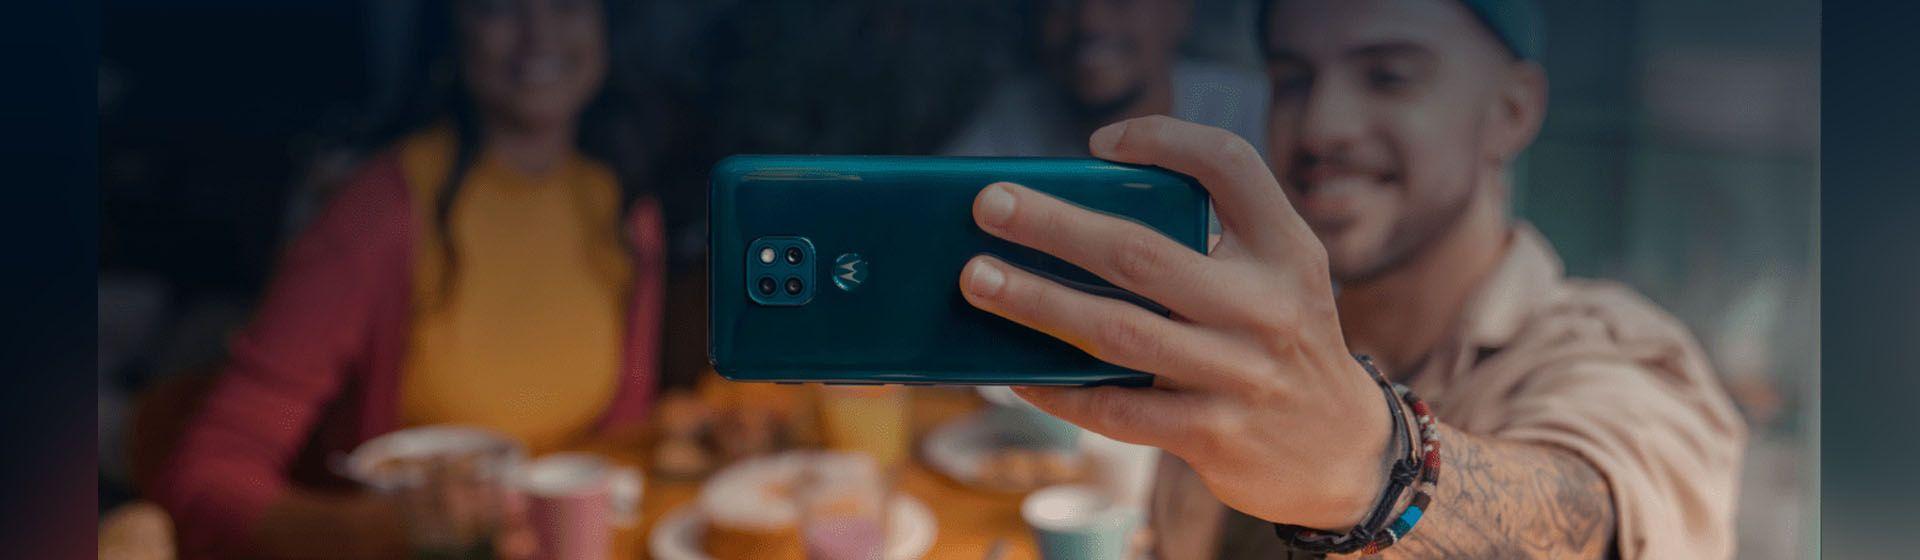 Moto G9 Play; ficha técnica e preço do intermediário da Motorola